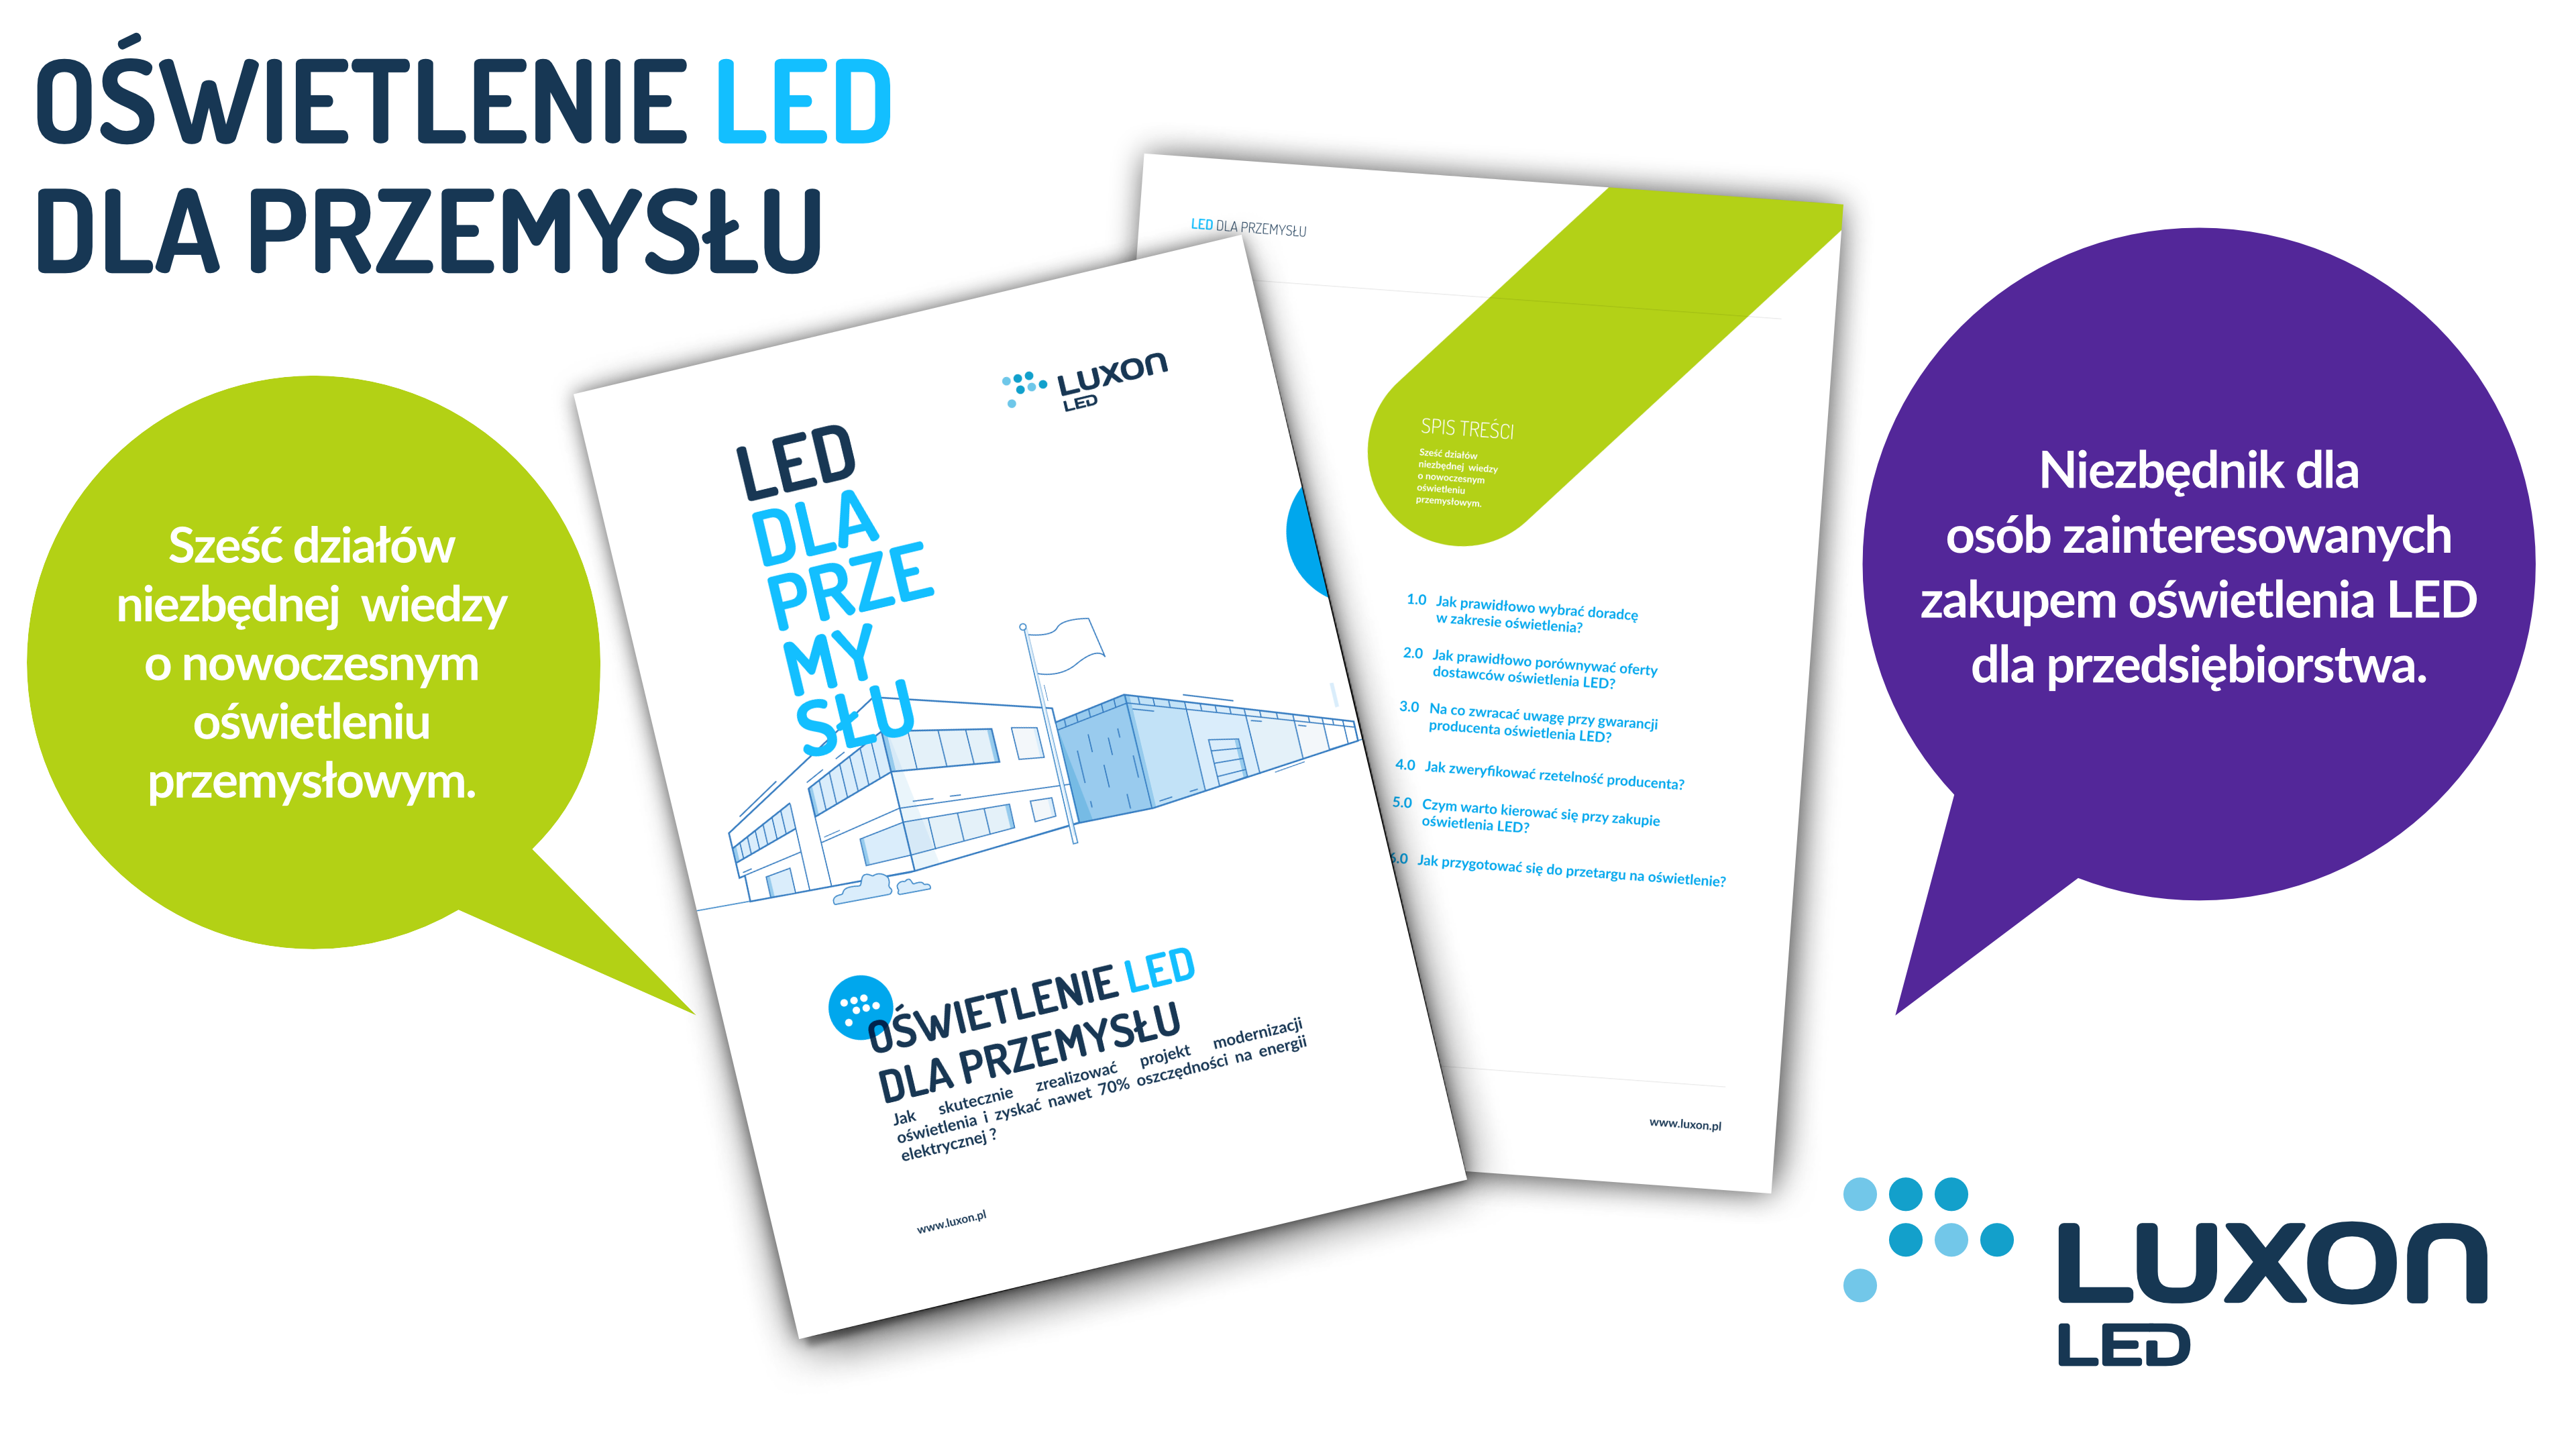 Ebook - Oświetlenie LED dla przemysłu? - Luxon LED